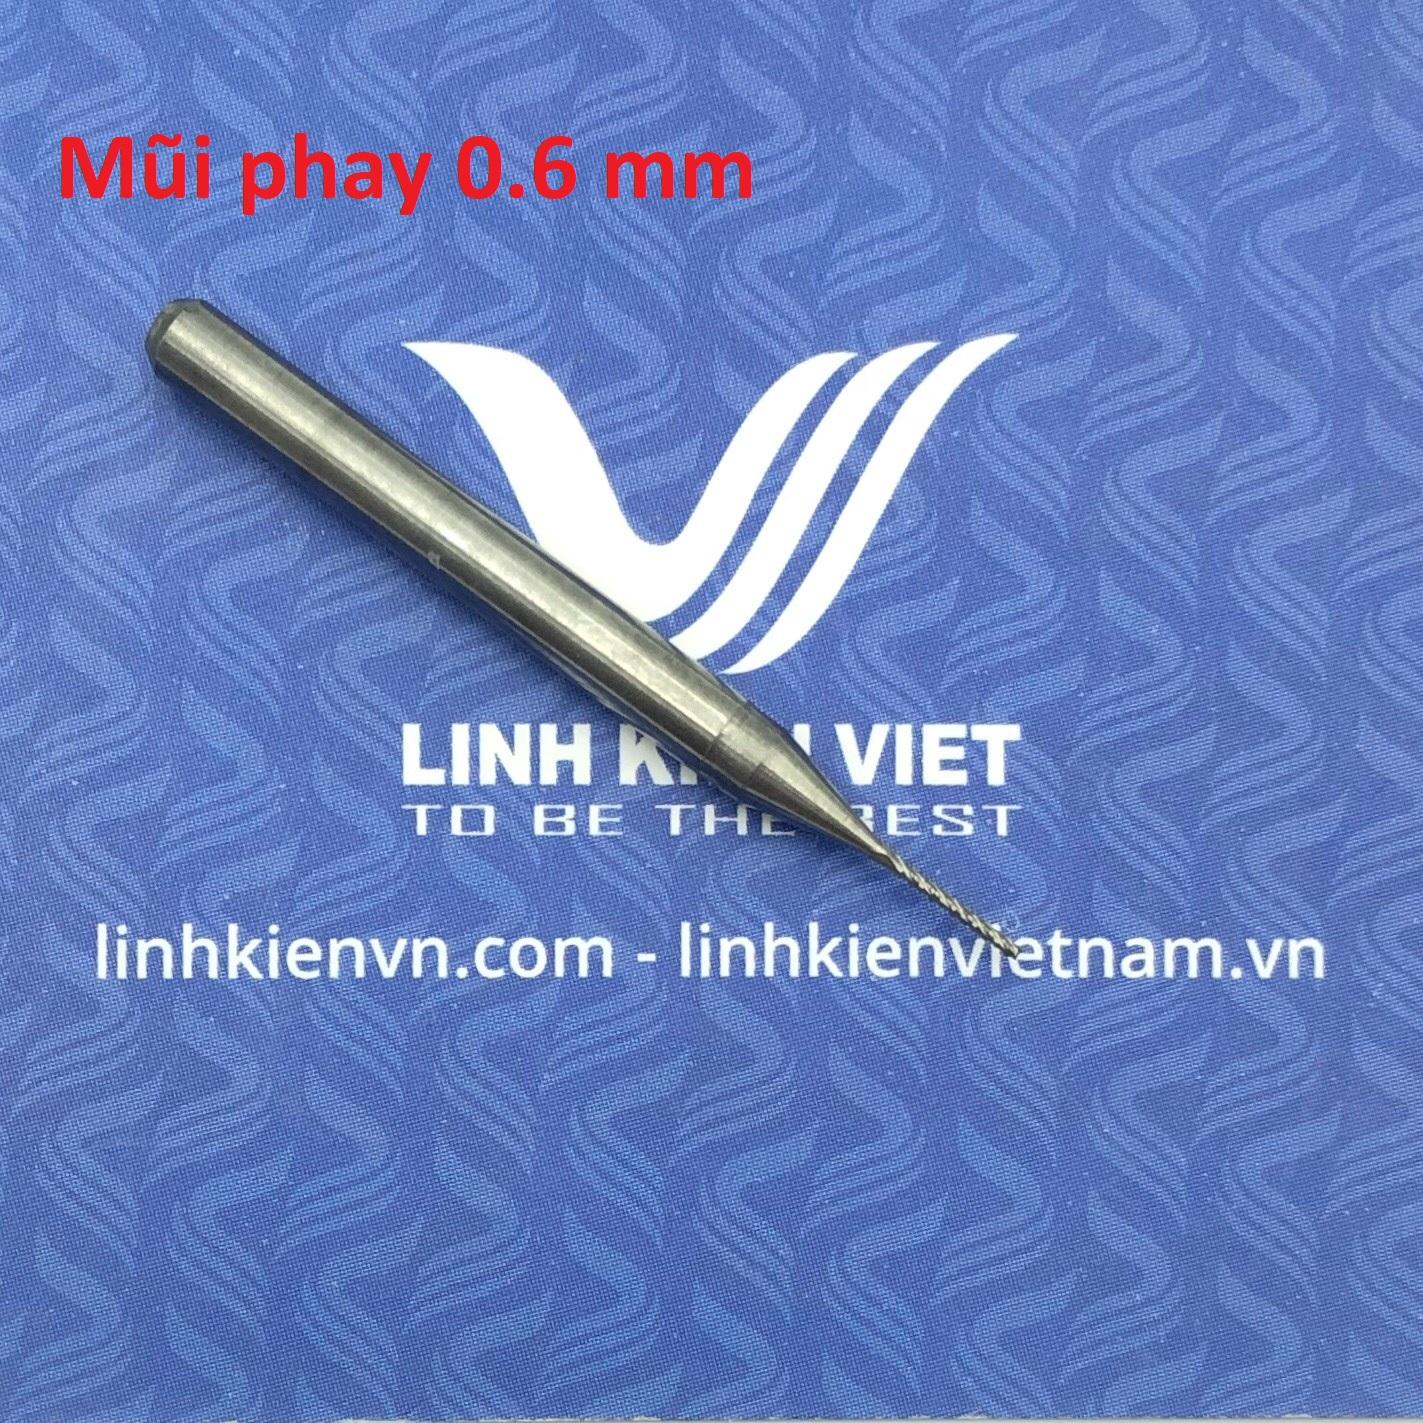 Mũi phay CNC 0.6mm - S2H22